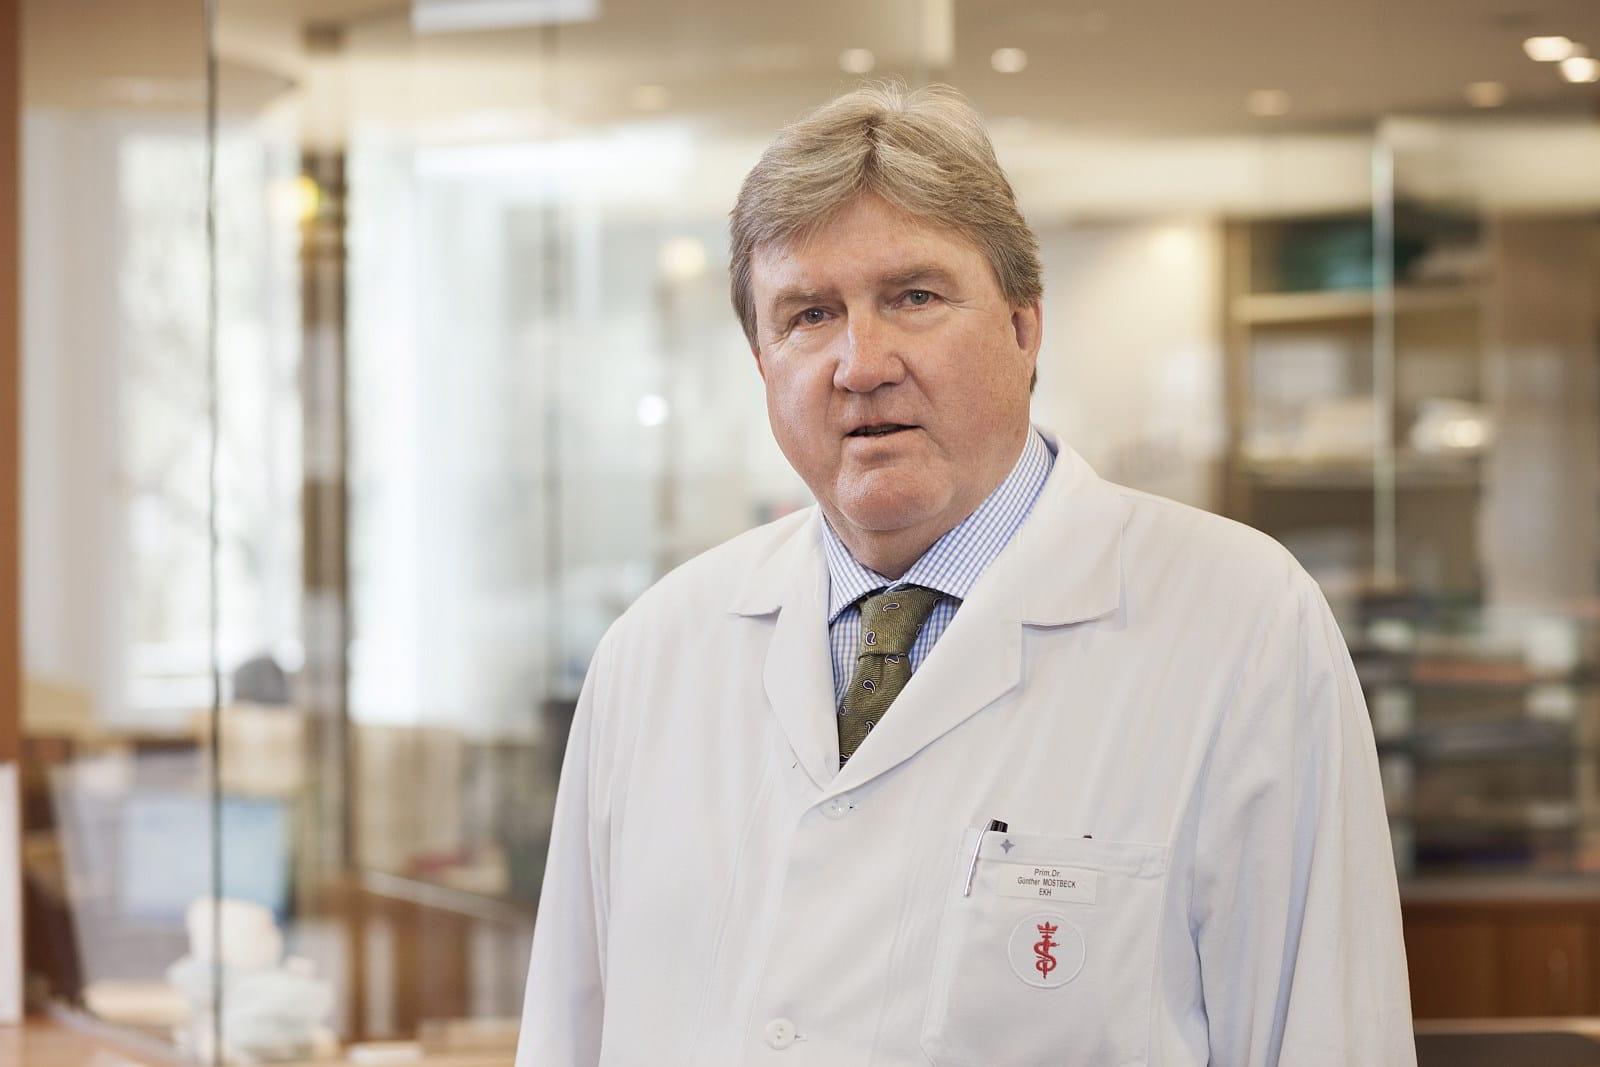 primarius-dr-guenther-mostbeck-internist-gastroenterologe-wien-evangelisches-krankenhaus2.jpg